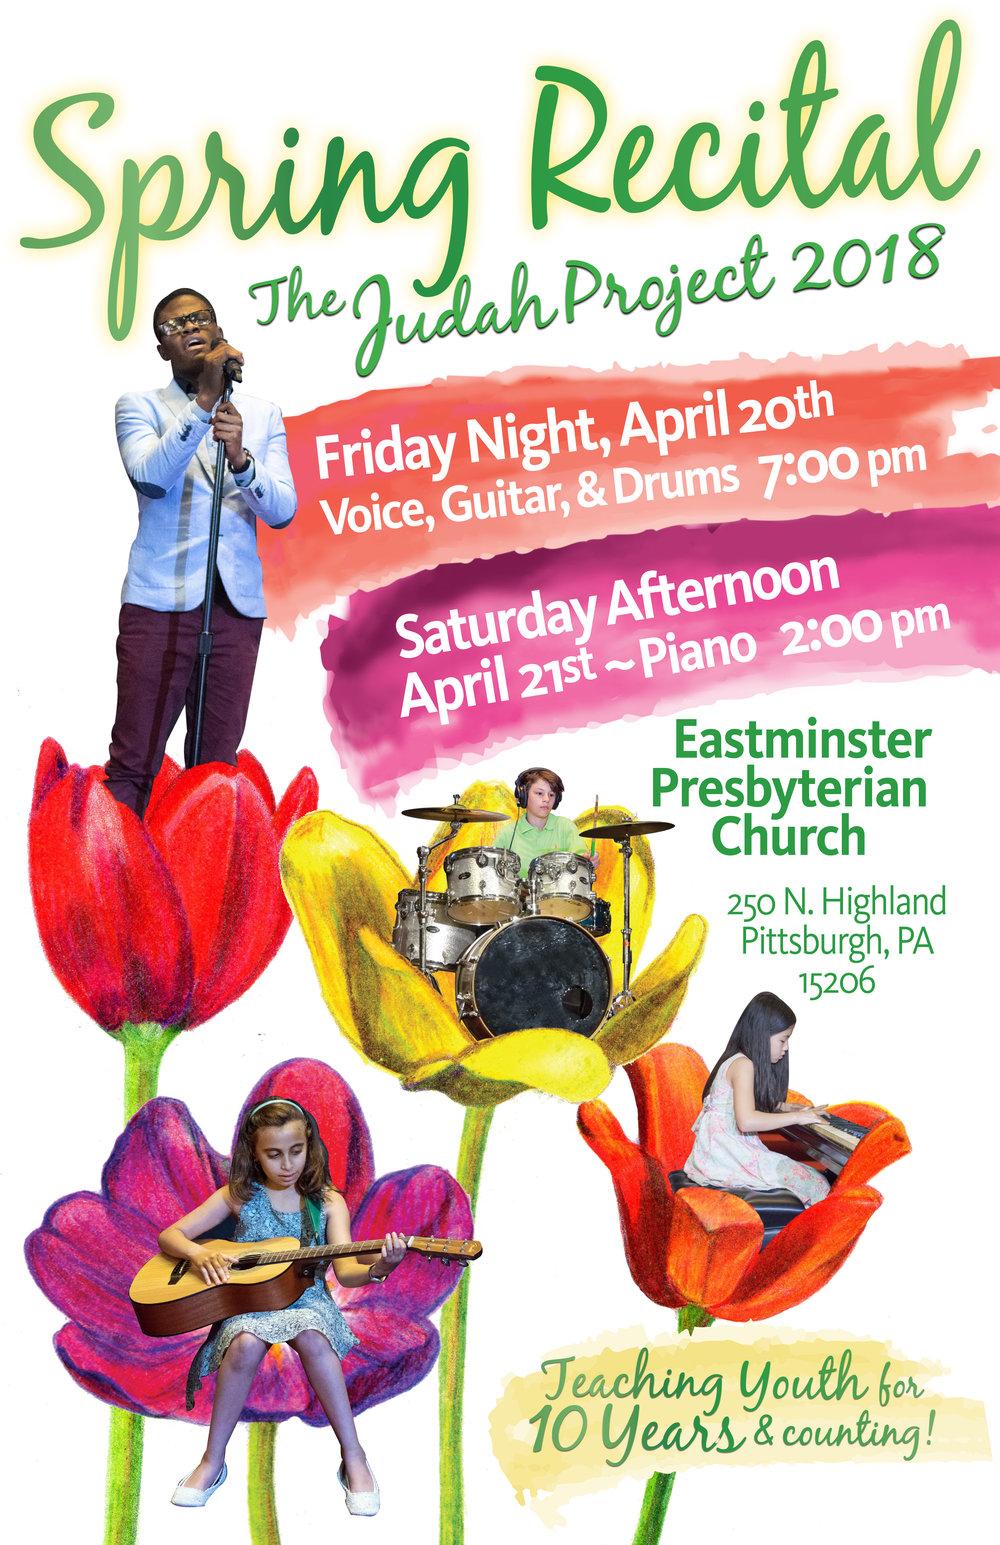 Judah Spring Recital Poster 2018.jpg